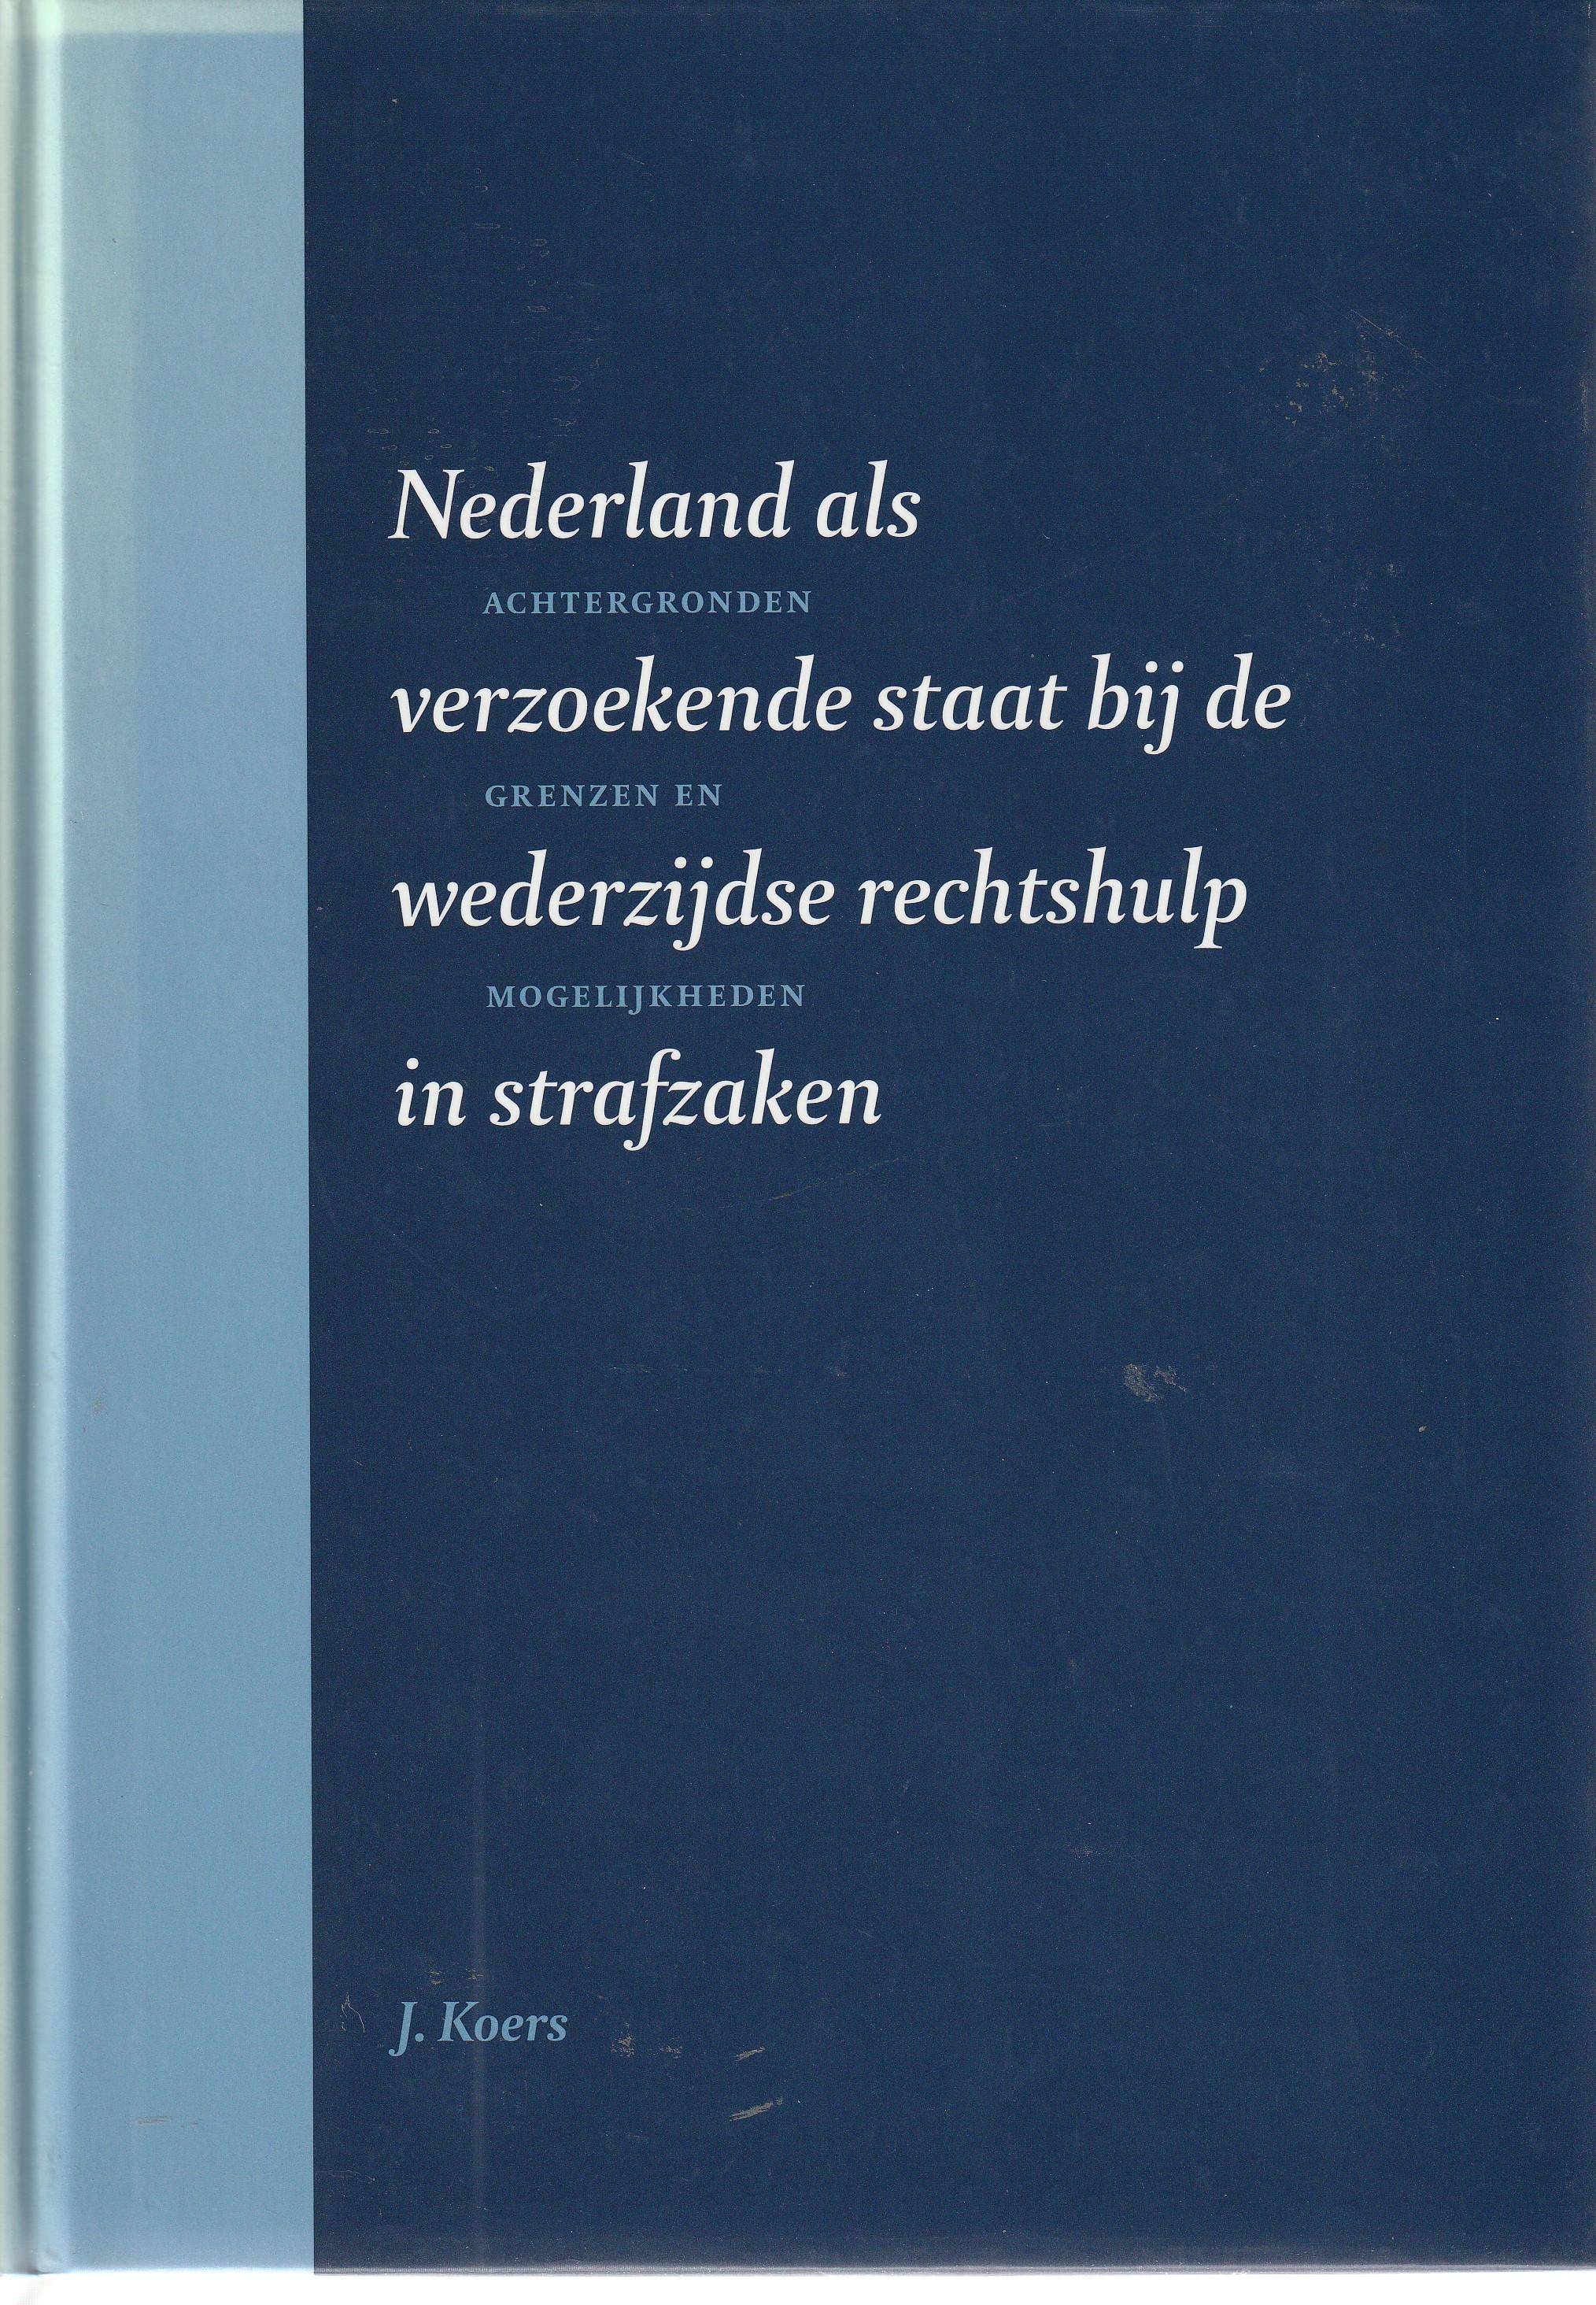 Nederland als verzoekende staat bij de wederzijdse rechtshulp in strafzaken. Diss.